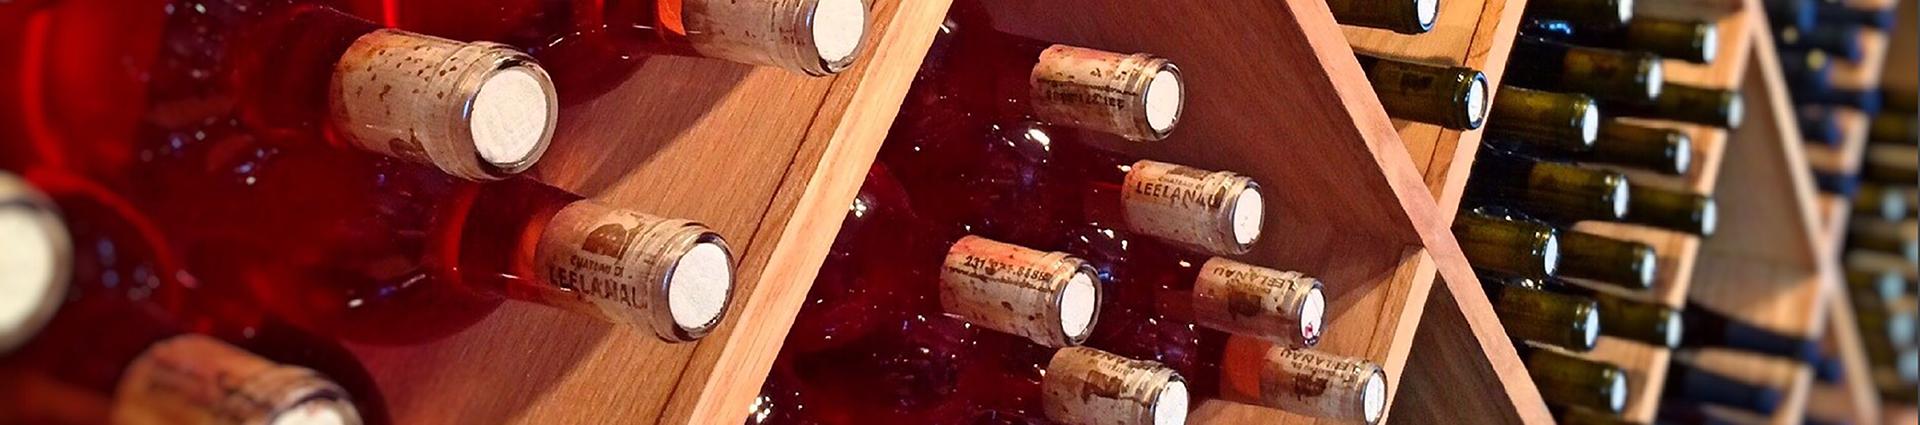 Griekse Wijnen